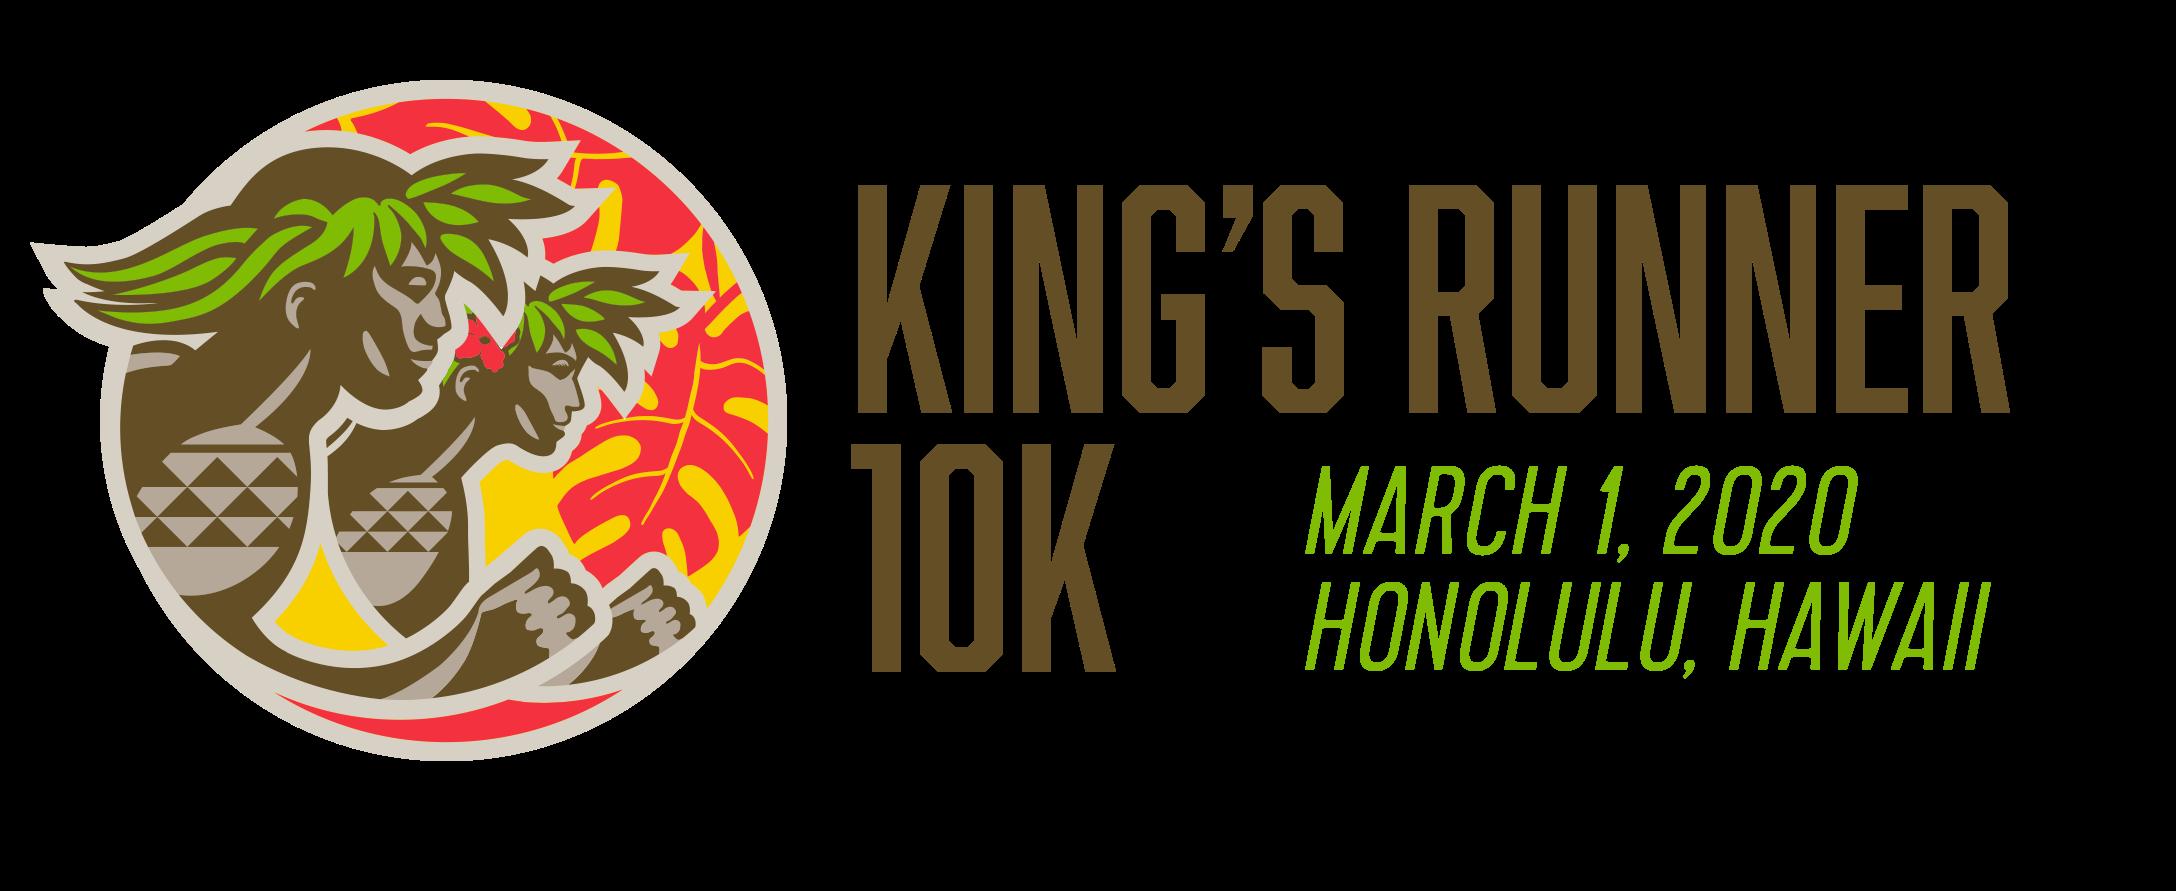 Image for King's Runner 10k